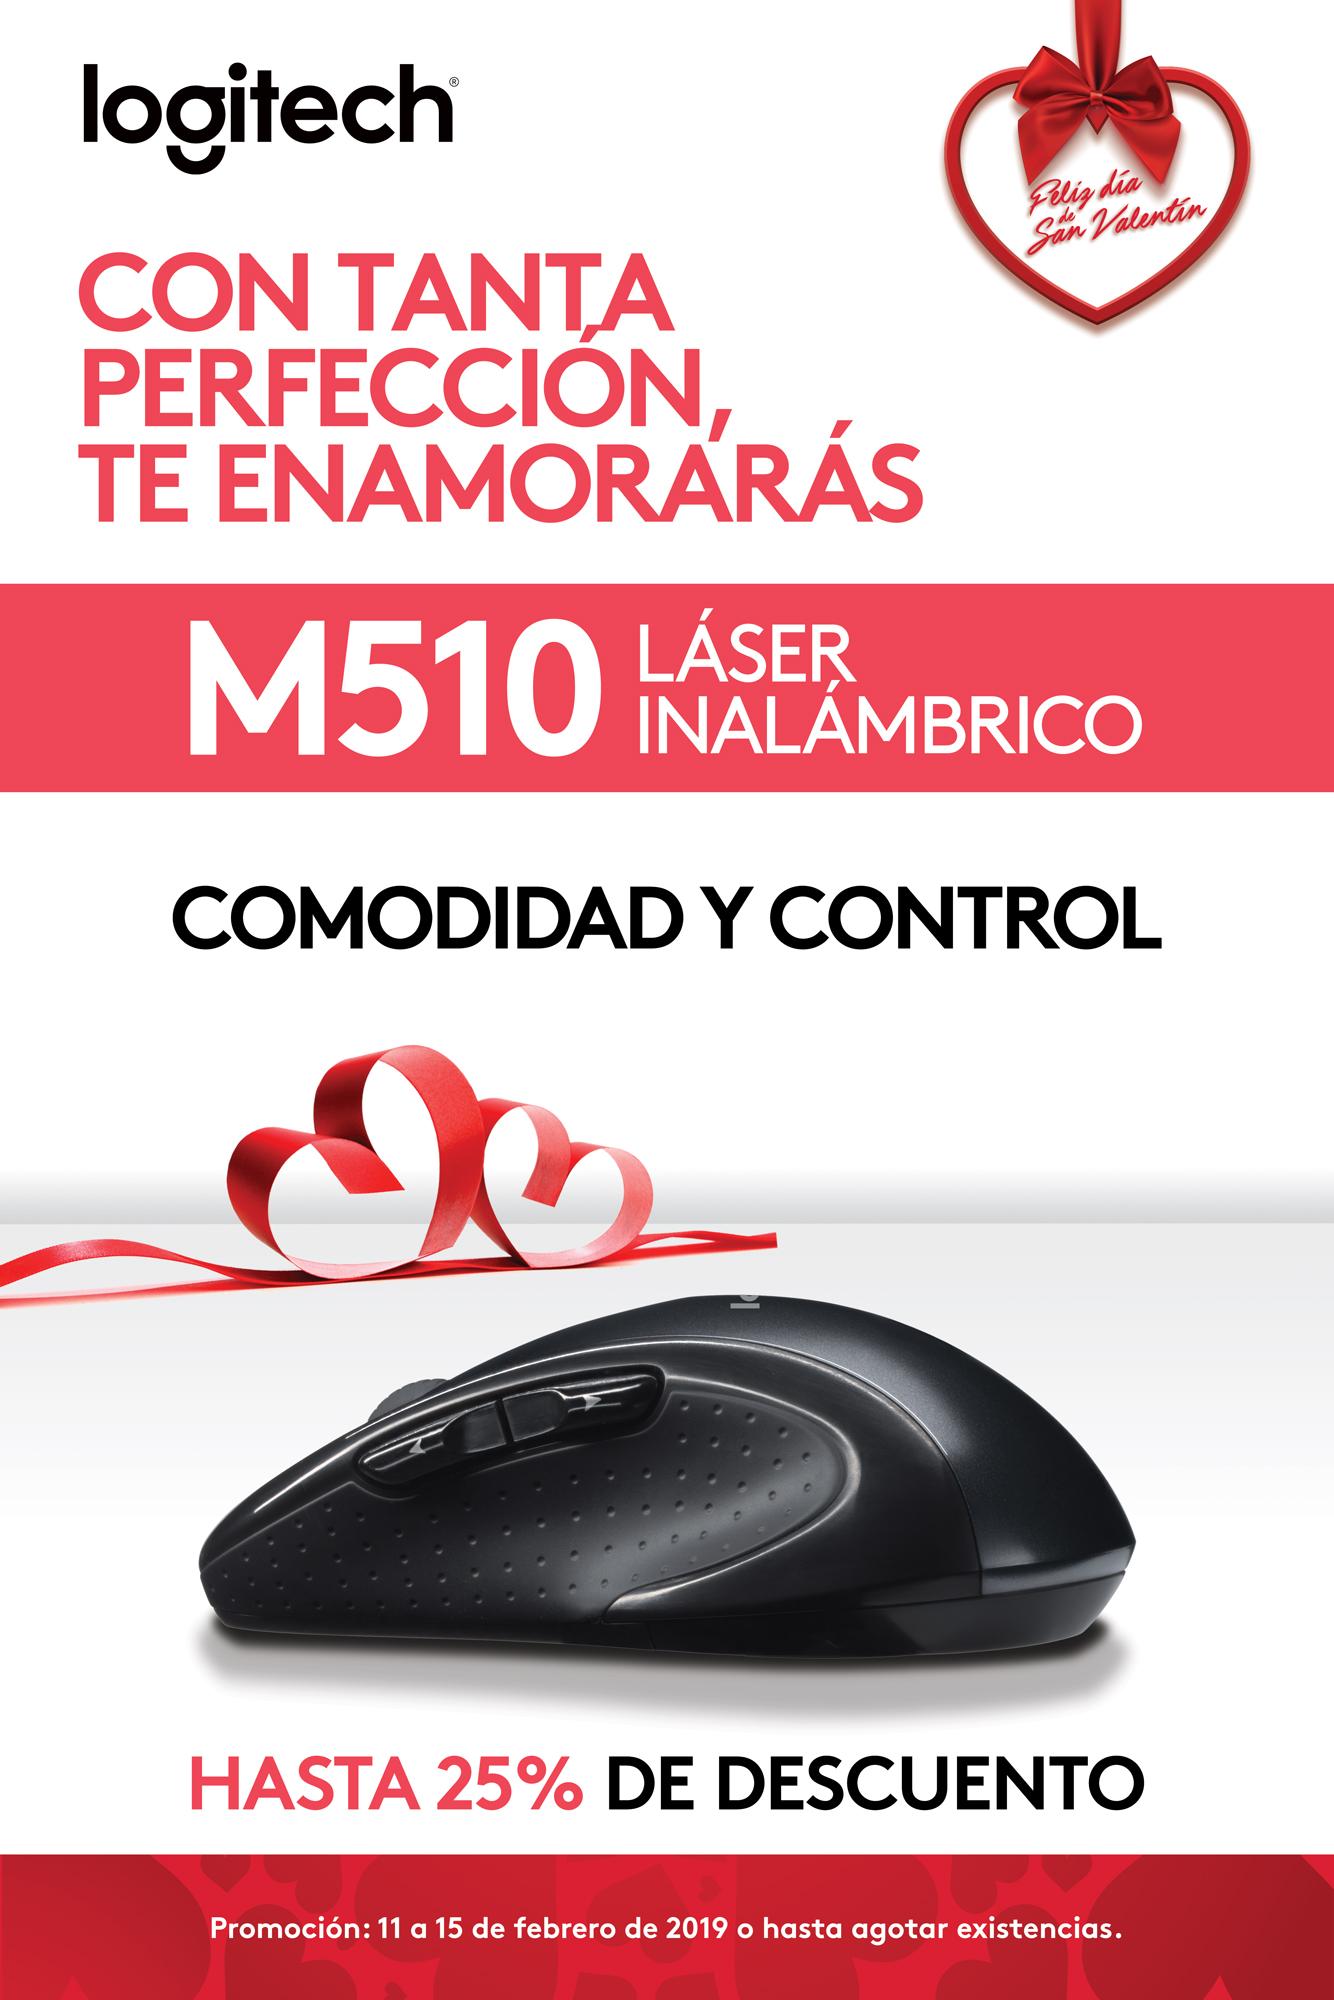 Promo M510 - Mouse láser inalámbrico - Logitech